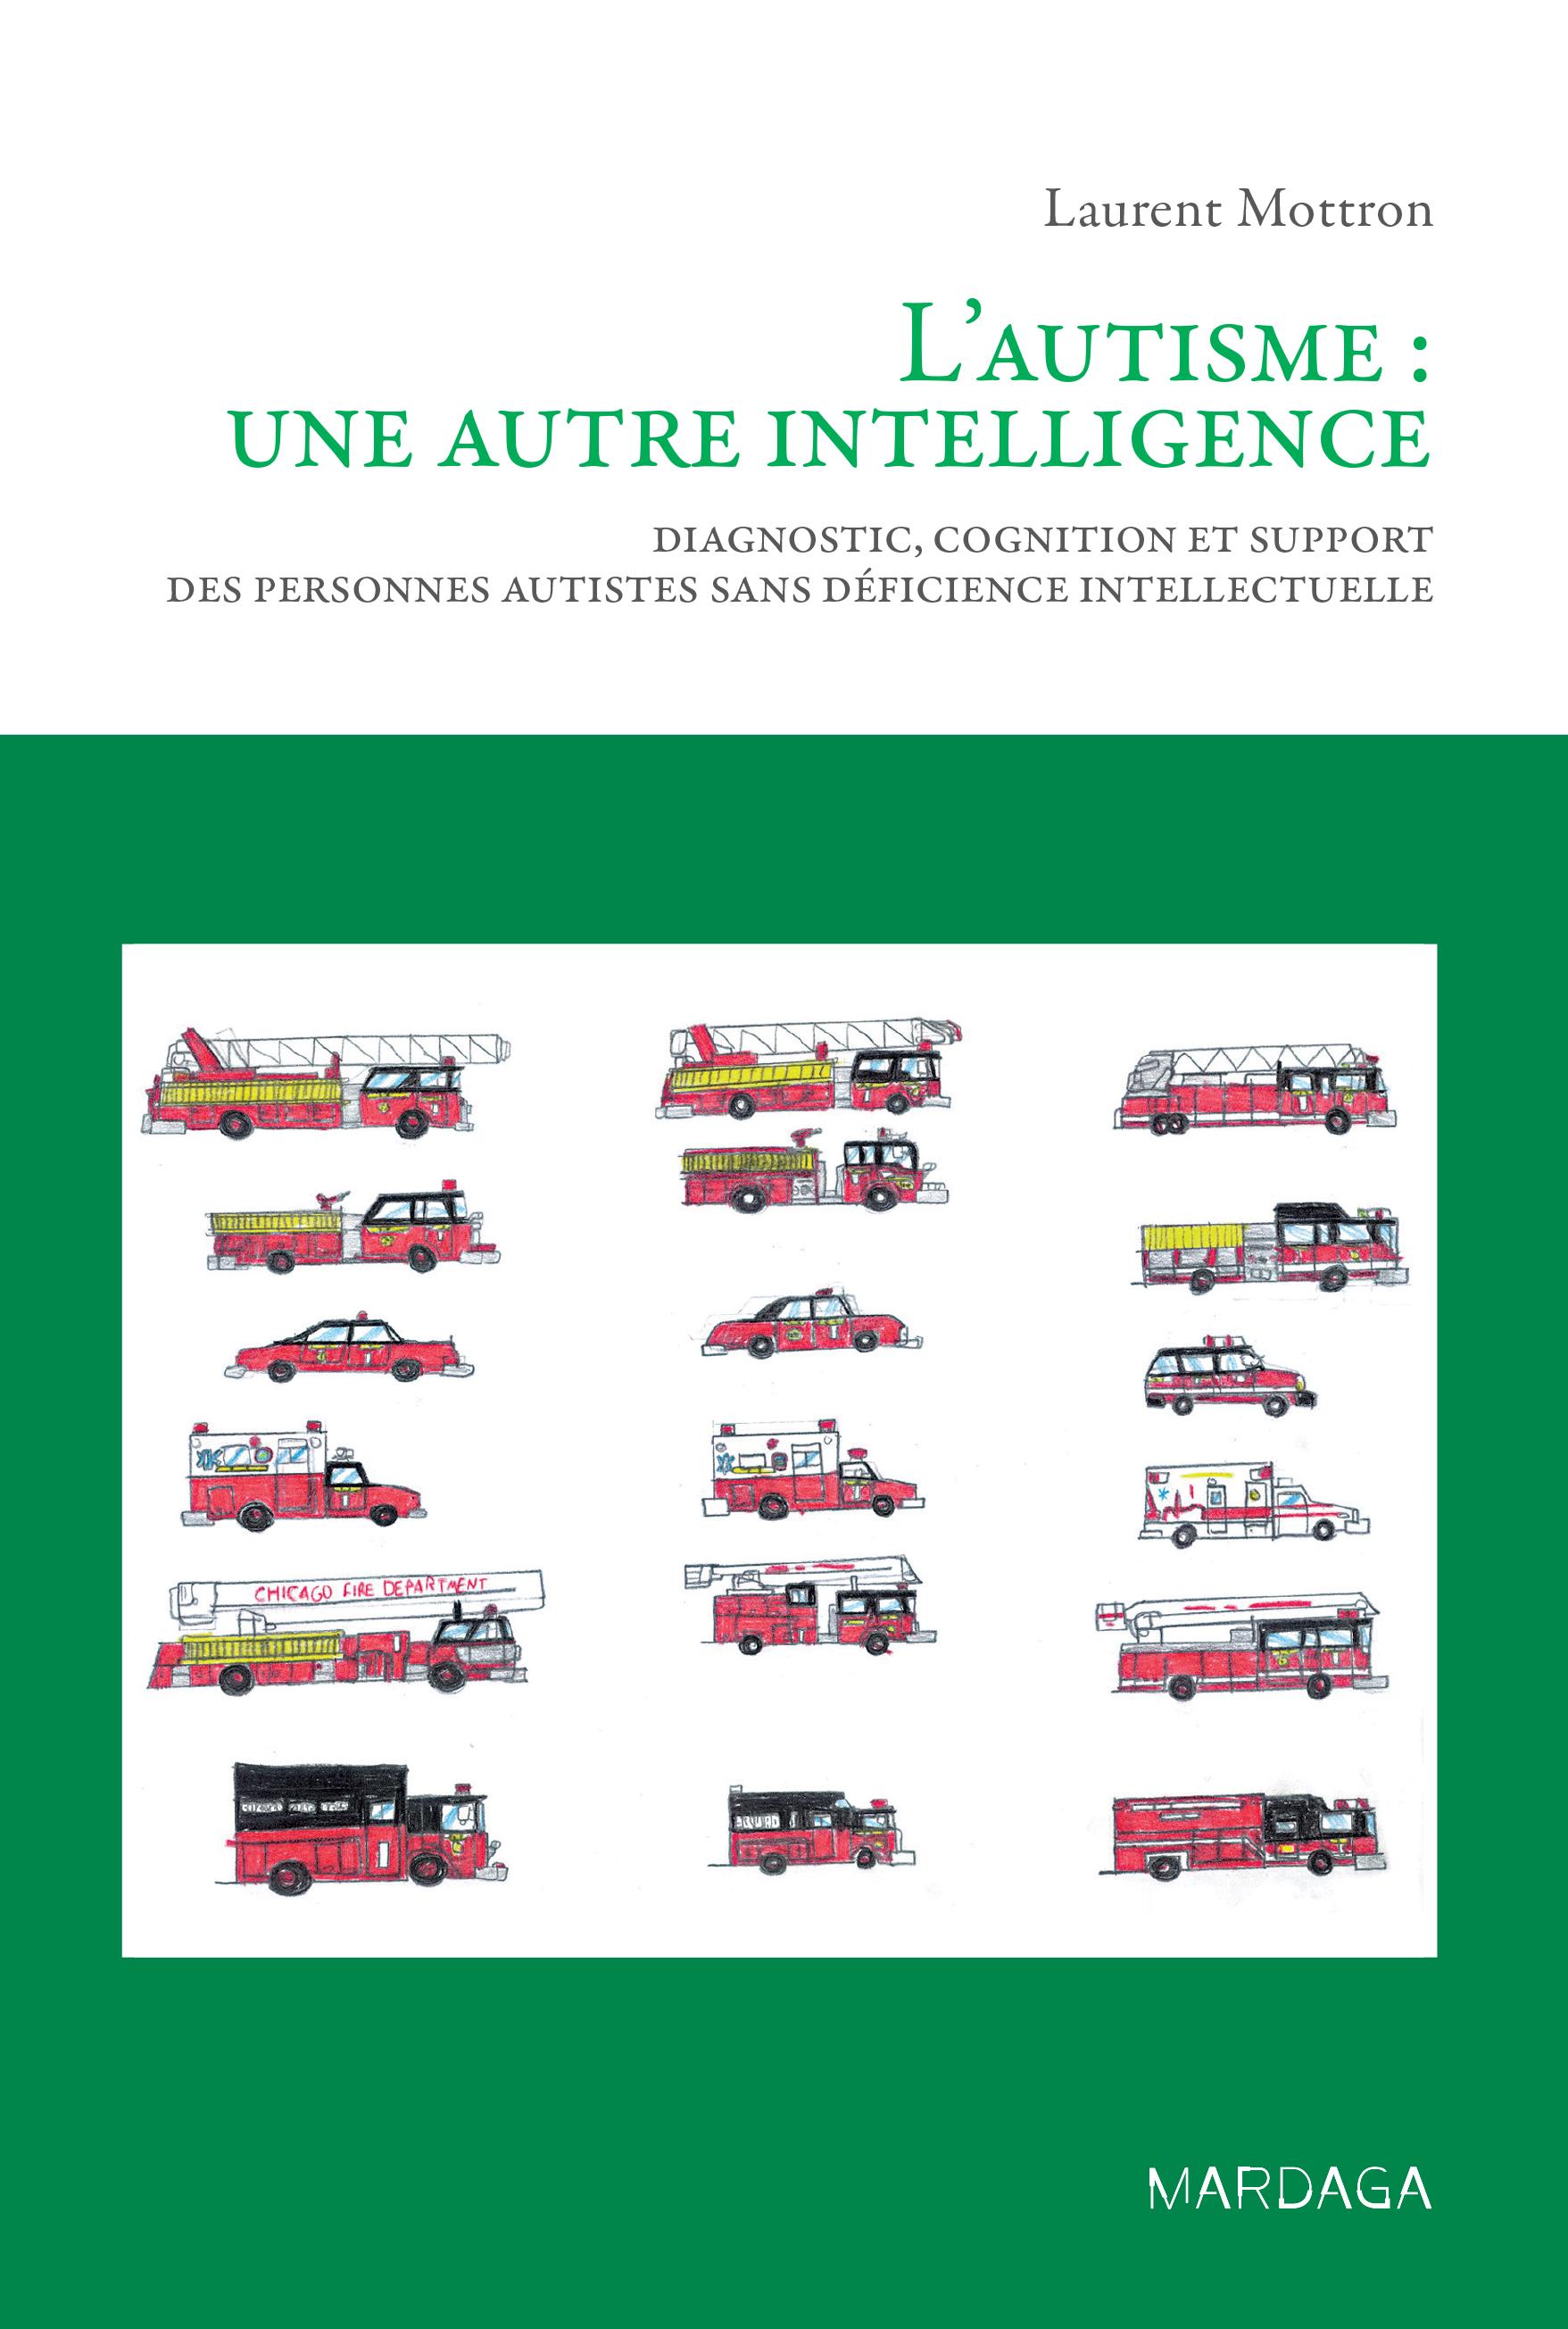 L'autisme : une autre intelligence, Diagnostic, cognition et support des personnes autistes sans déficience intellectuelle